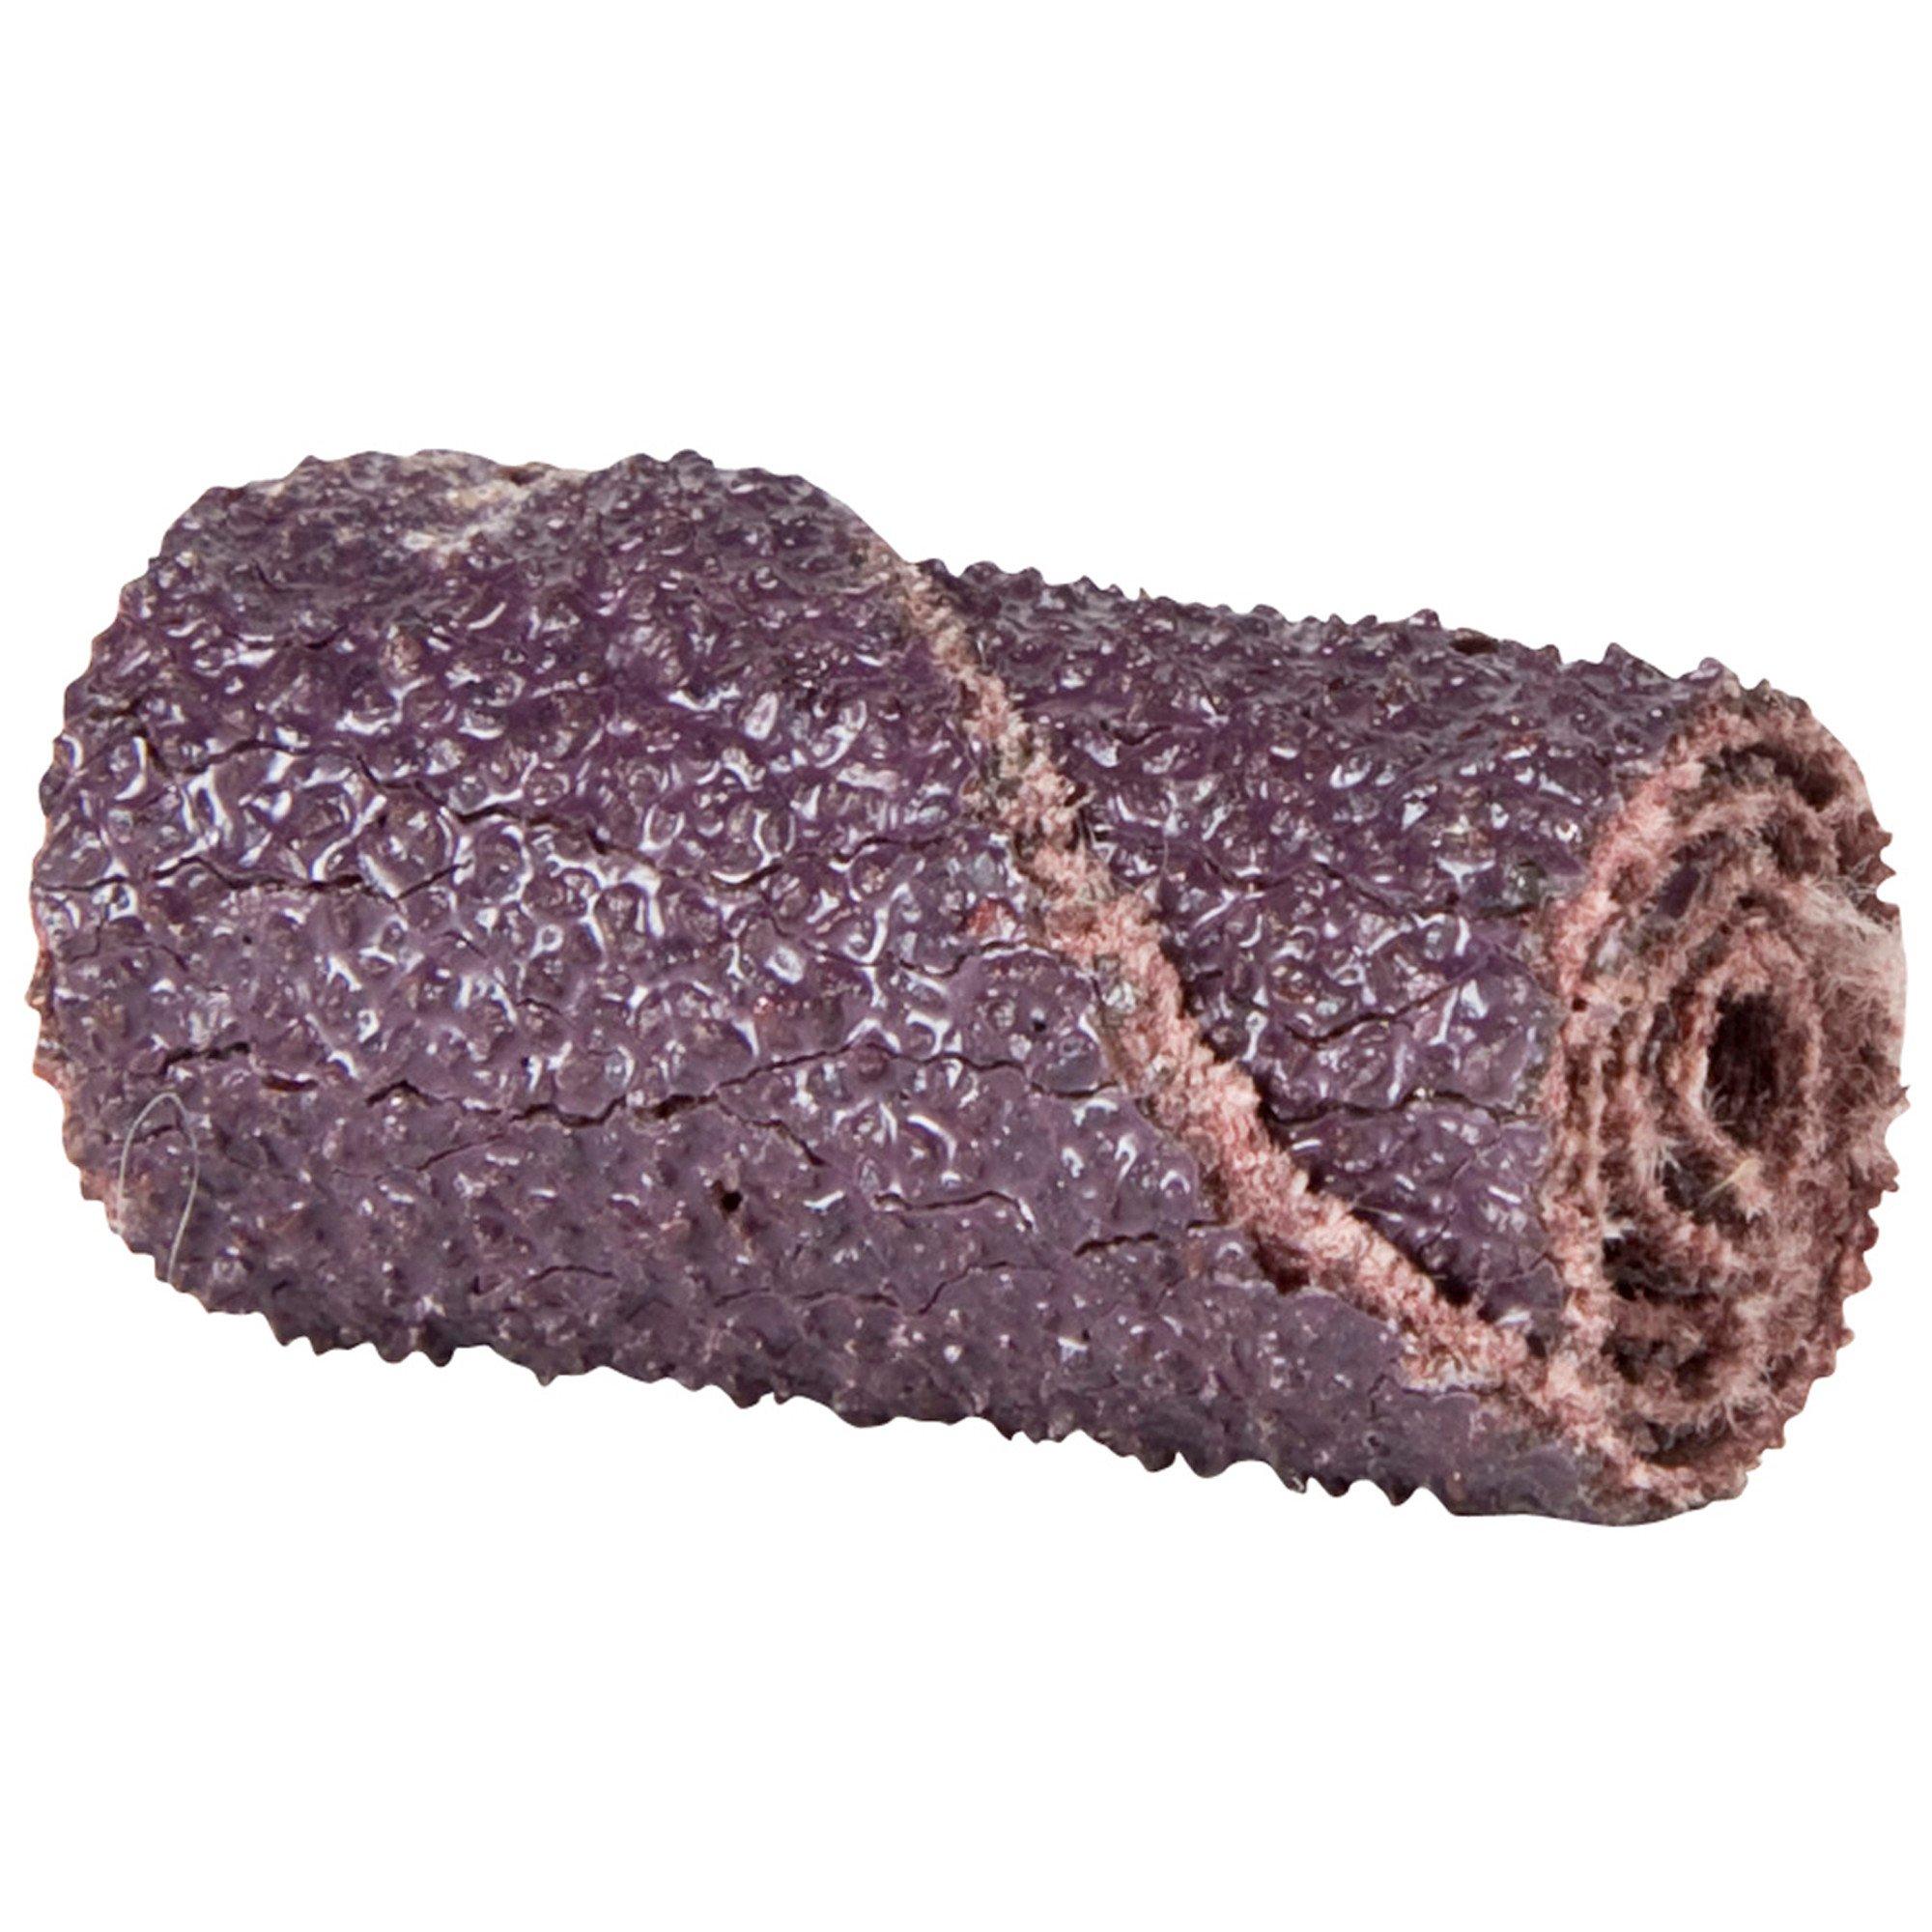 Merit Abrasive Cartridge Roll, Aluminum Oxide, 1/8'' Arbor, Roll 3/8'' Diameter x 1-1/2'' Length, Grit 40 (Pack of 100)